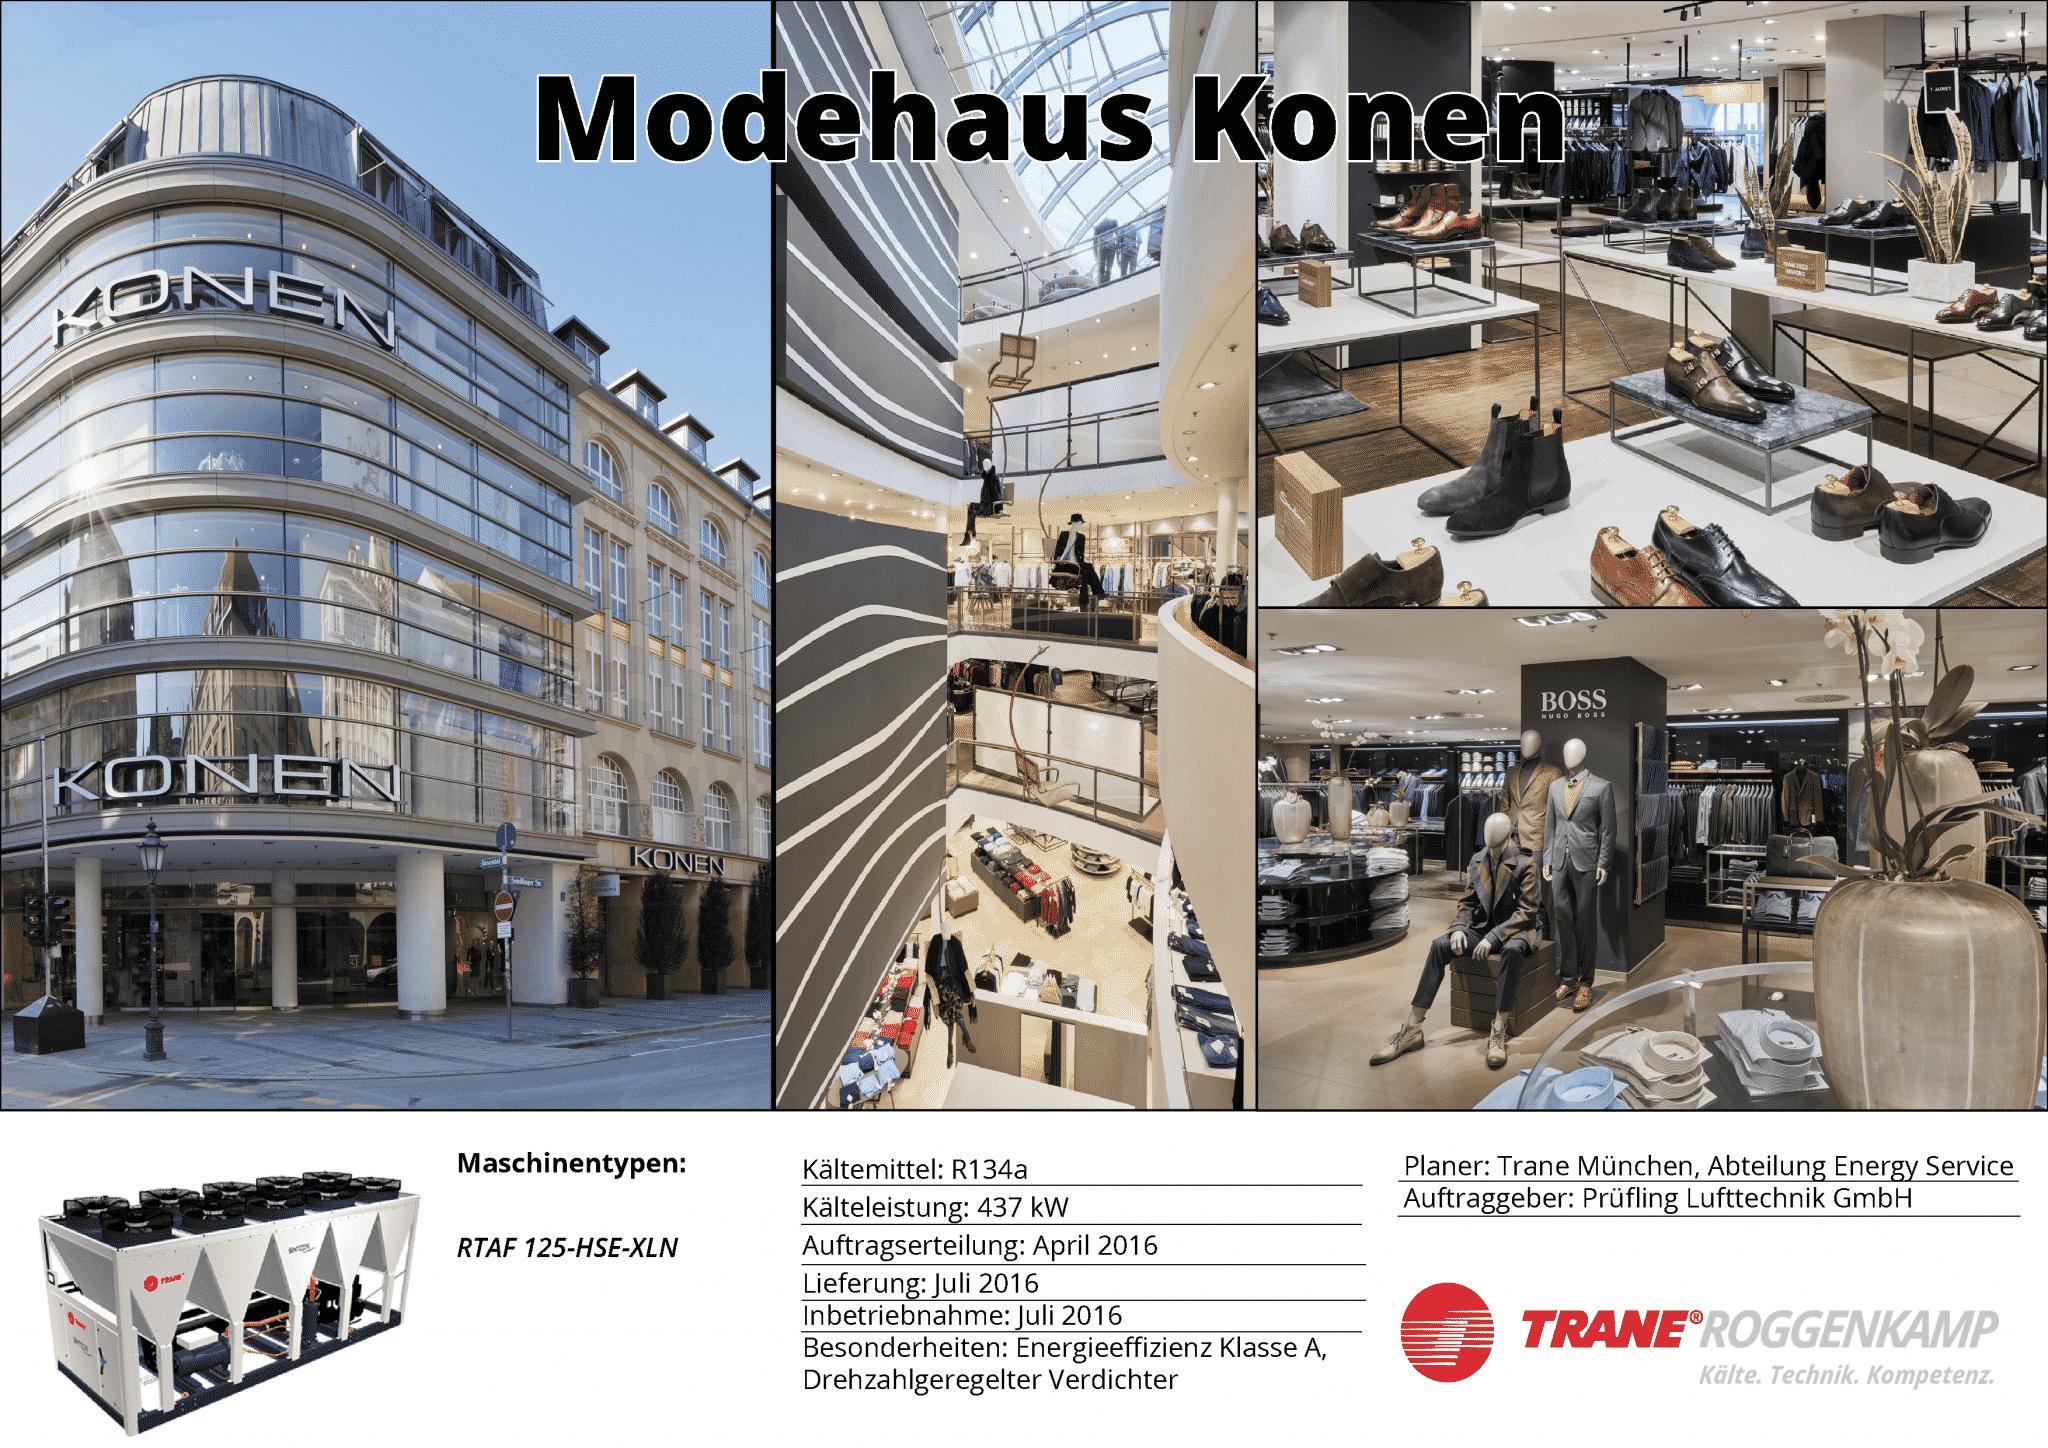 Klimatisierung Einzelhandel - Modehaus Konen in München